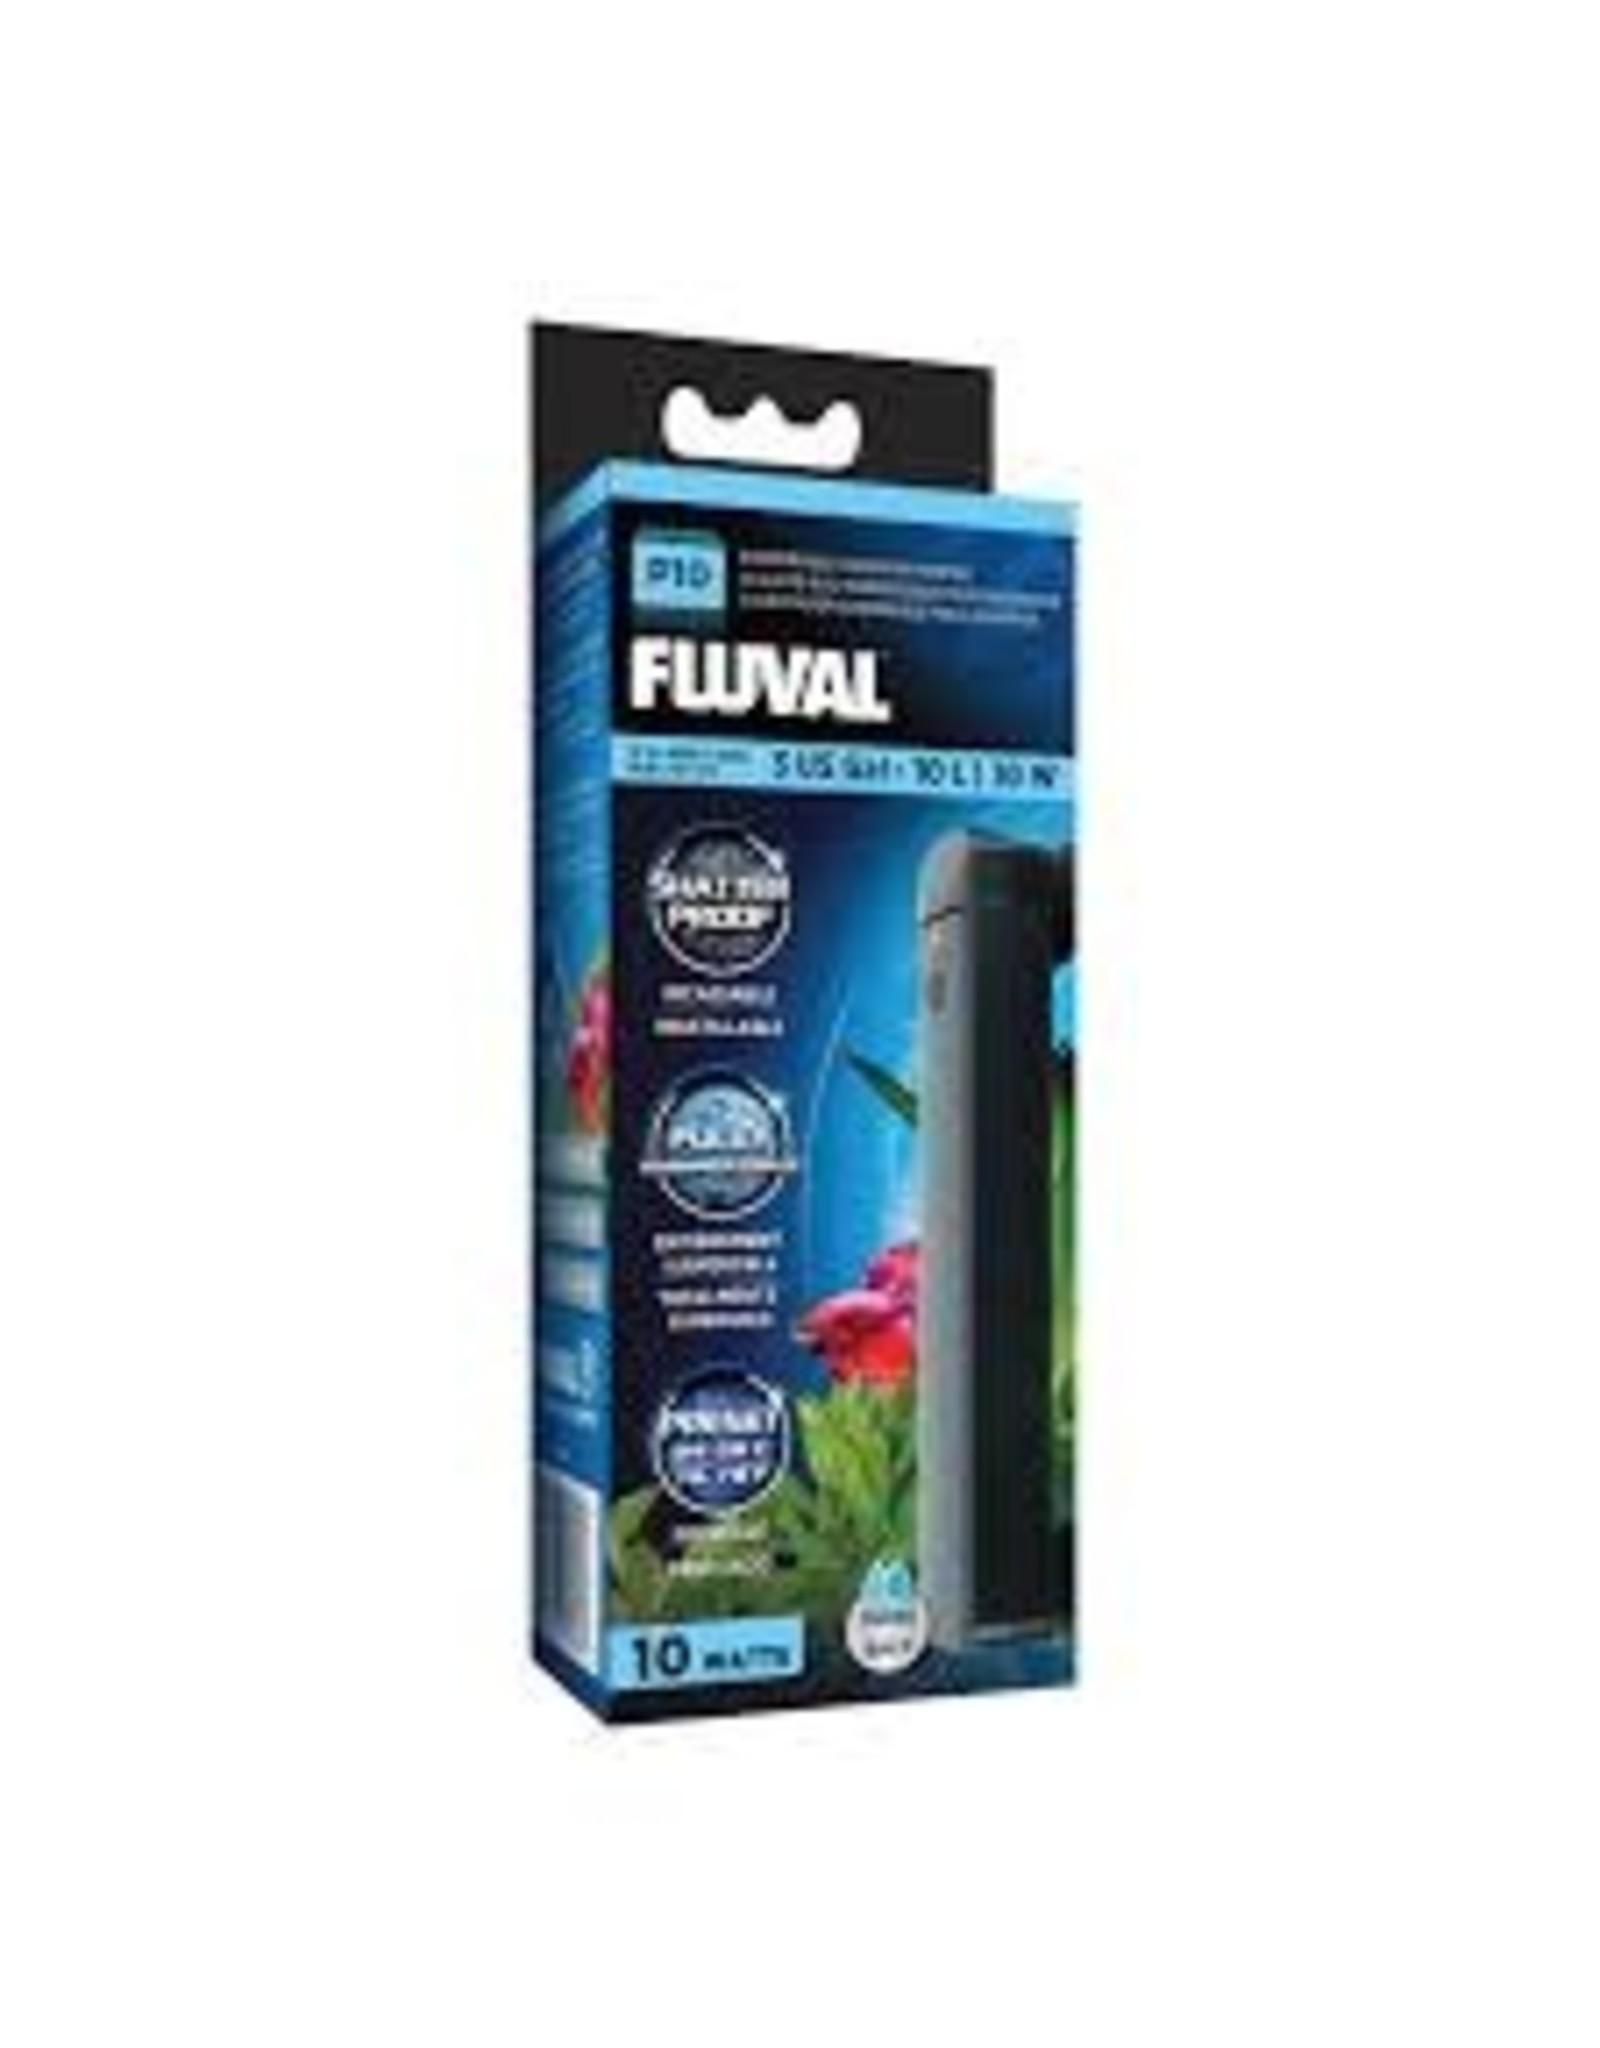 Fluval Fluval - Submersible Aquarium Heater